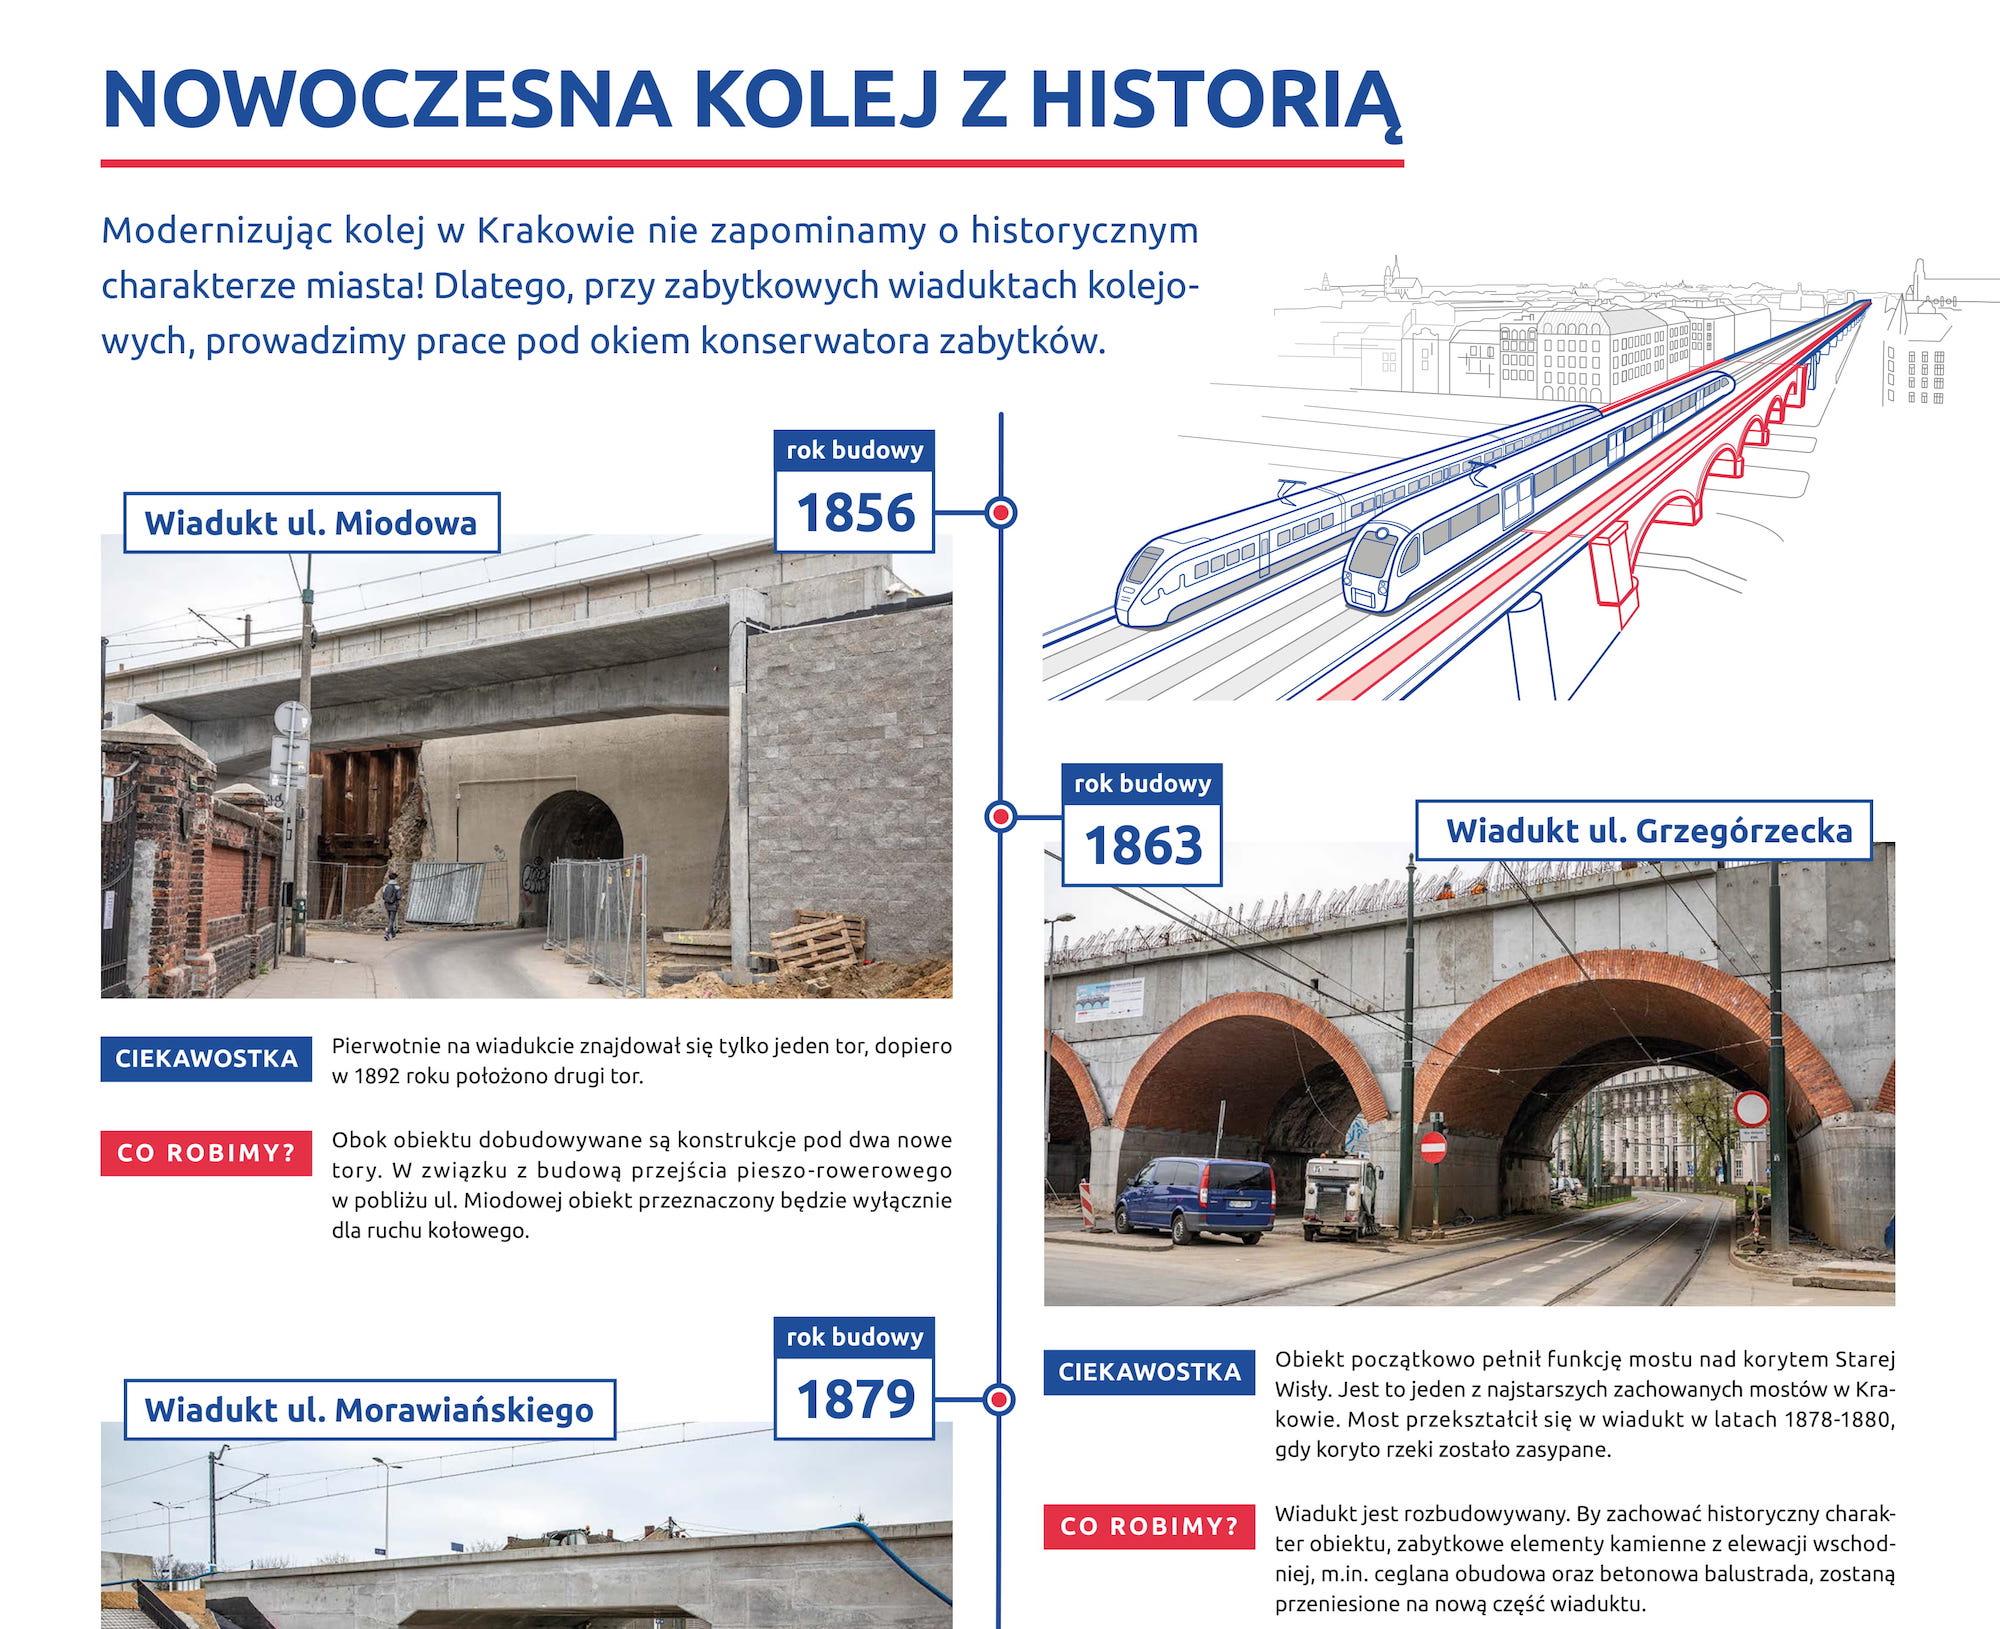 Infografika pokazująca zdjęcia historycznych wiaduktów kolejowych w Krakowie, przebudowywanych w ramach modernizacji krakowskiej linii kolejowej.